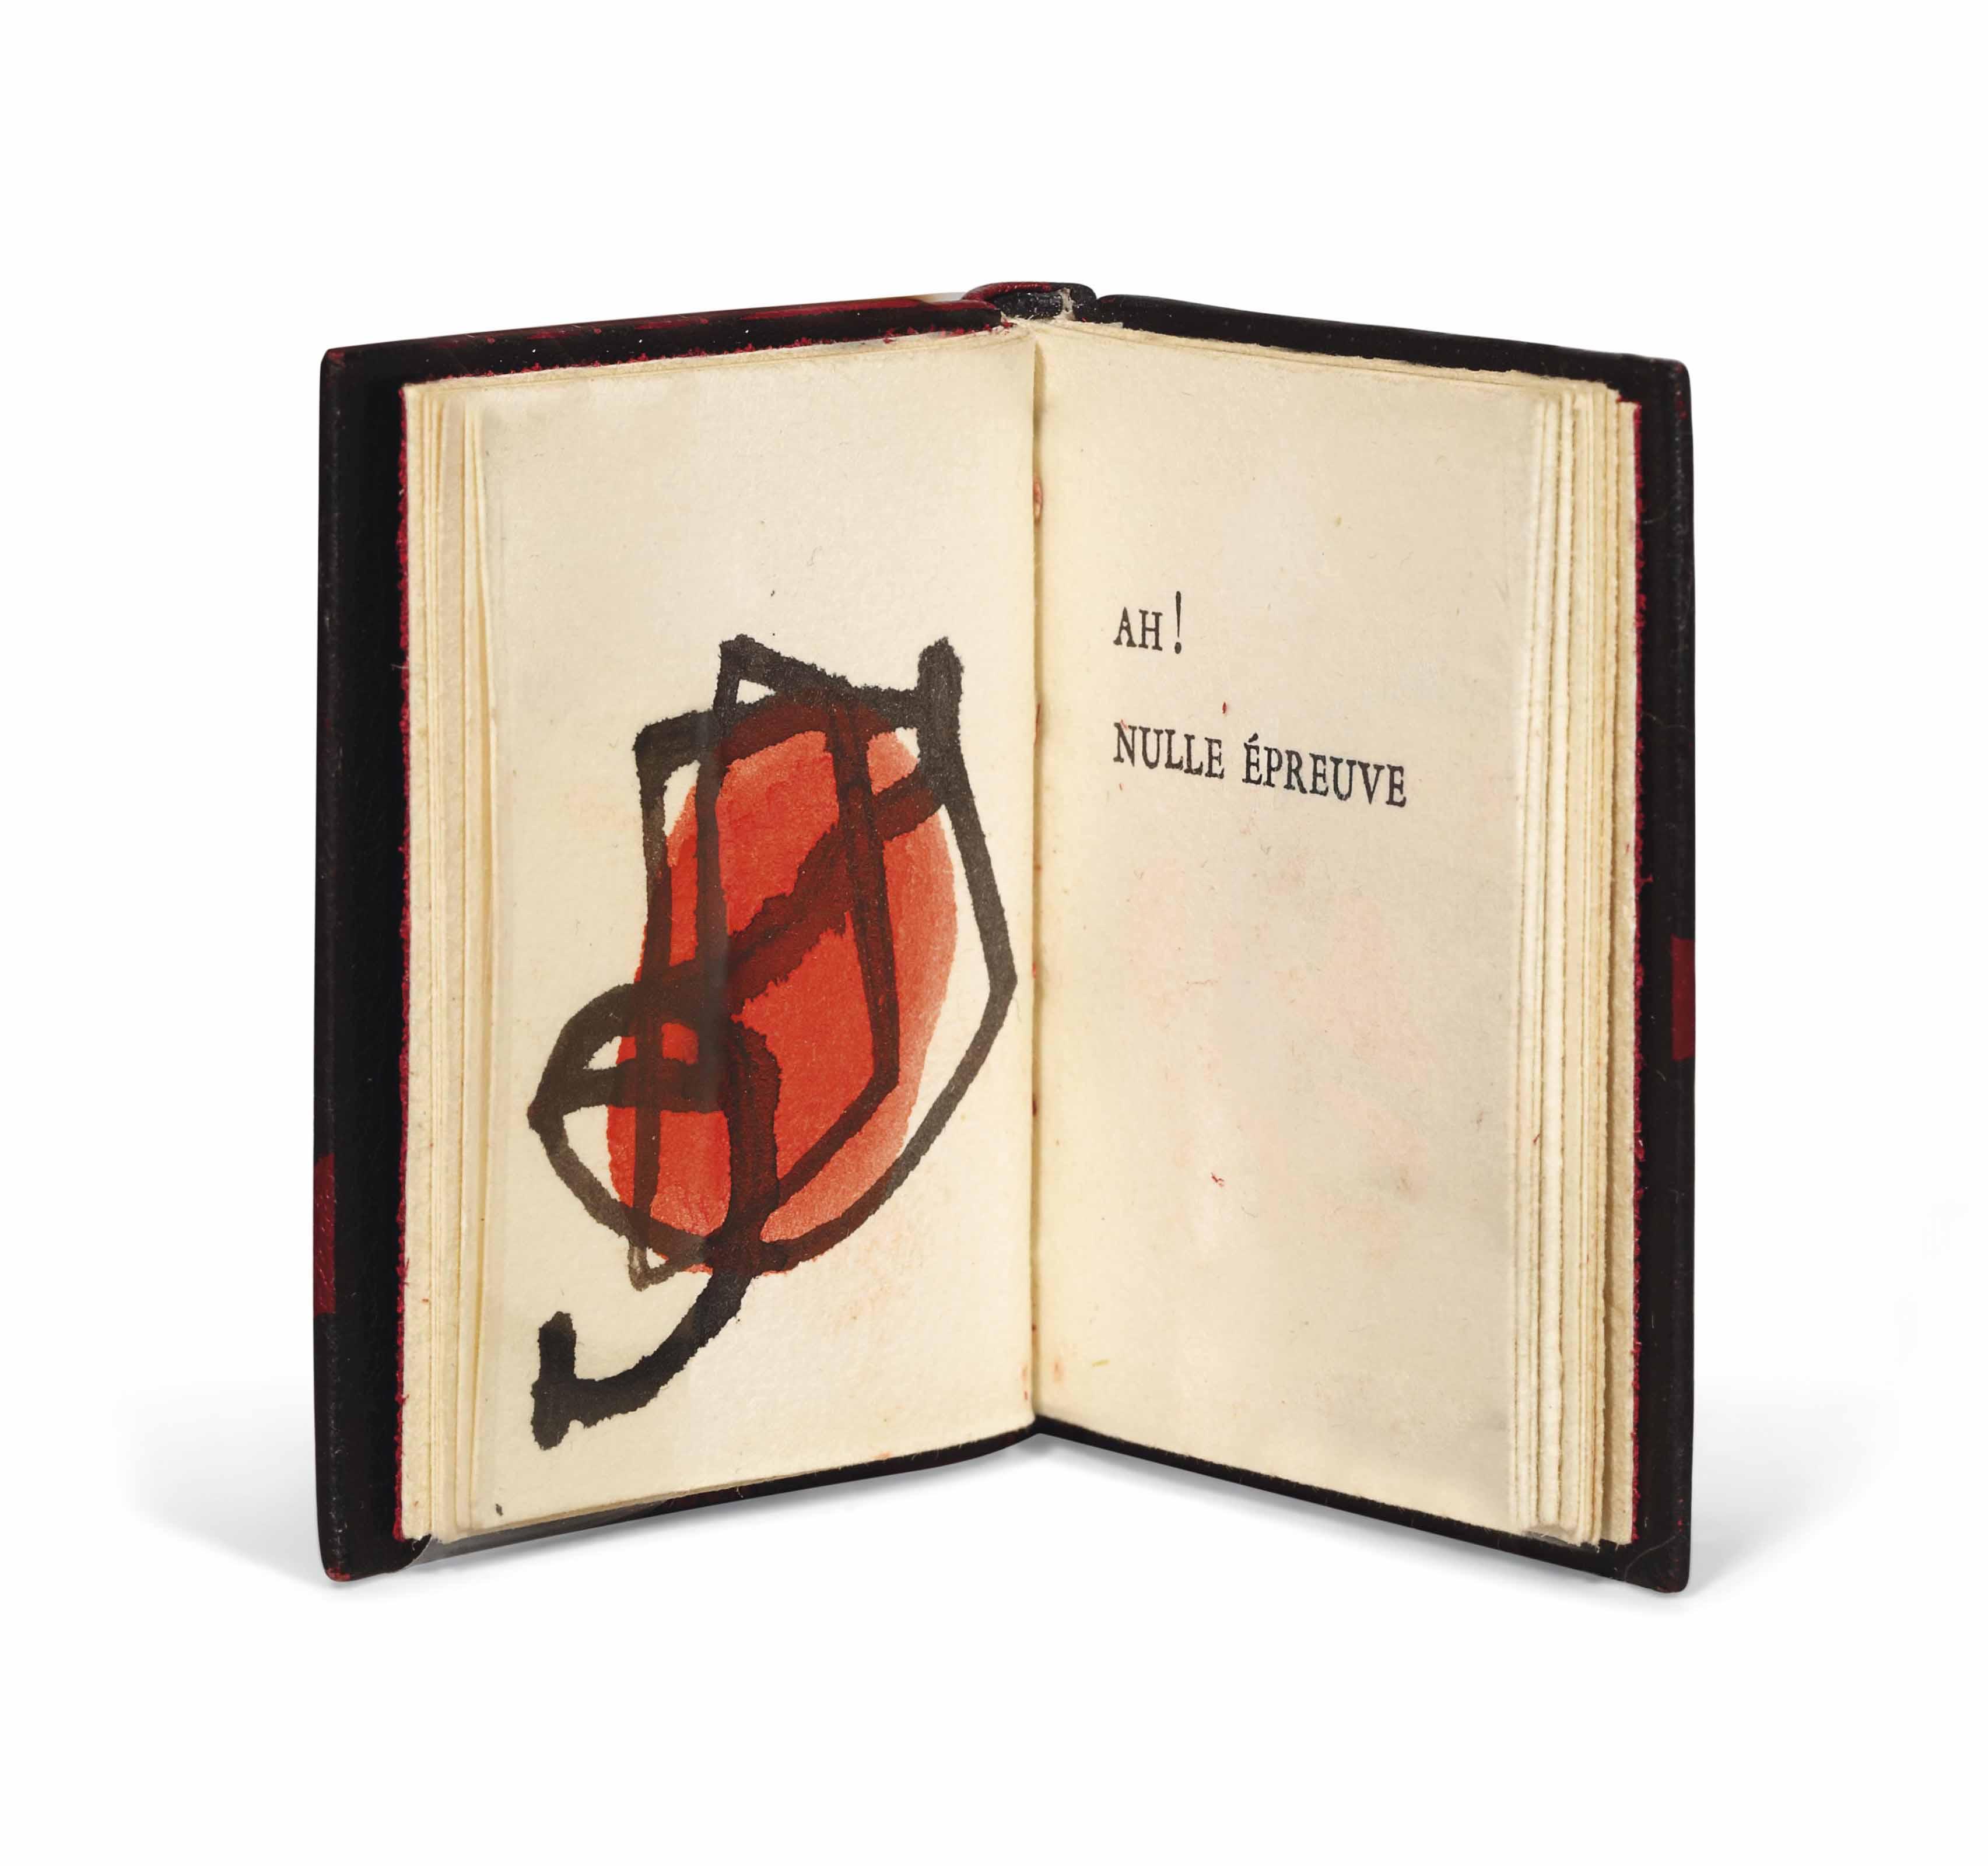 [MIRÓ] – Pierre-André BENOÎT (1921-1993). Ah ! nulle épreuve. Sans lieu ni nom [Alès : PAB], 1958 « en souvenir du 25 avril ». Minuscule (43 x 34 mm), une feuille pliée en accordéon. Une gouache originale en couleur de Joan Miró, non signée. Reliure signée Leroux au contreplat et datée 1988, peau de buffle (?) ébène, plats ornés d'un décor mosaïqué de maroquin rouge passant sur le dos lisse, doublure de box noir et gardes de daim rouge, couverture, chemise et étui assortis. L'exemplaire n'a pas été coupé pour rester fidèle à la publication en accordéon.